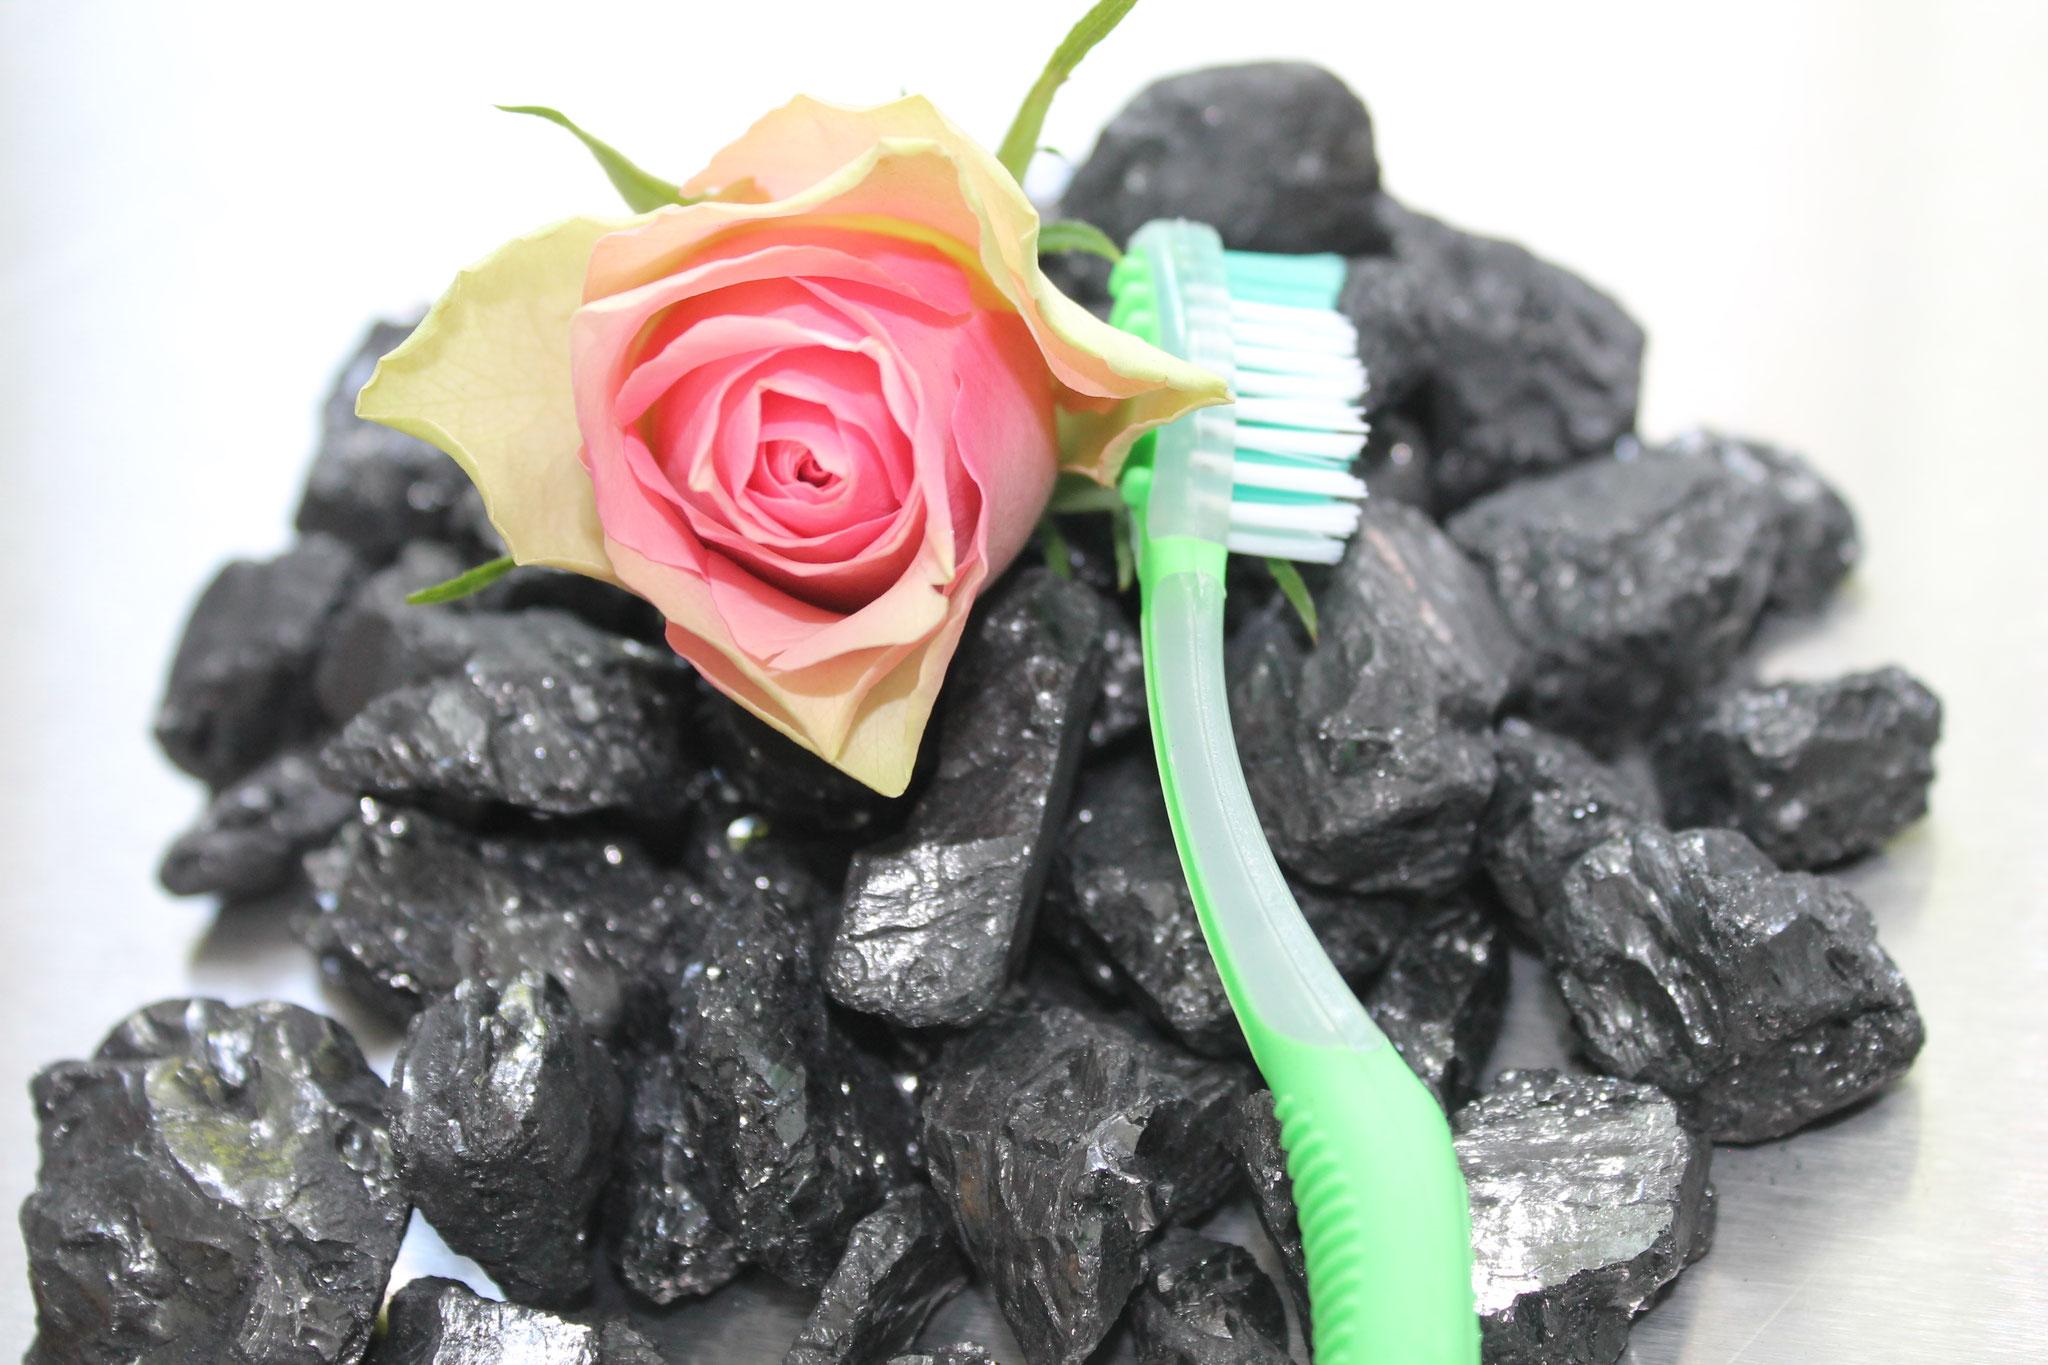 Zahnreinigung mit Kohle und Rosen?!